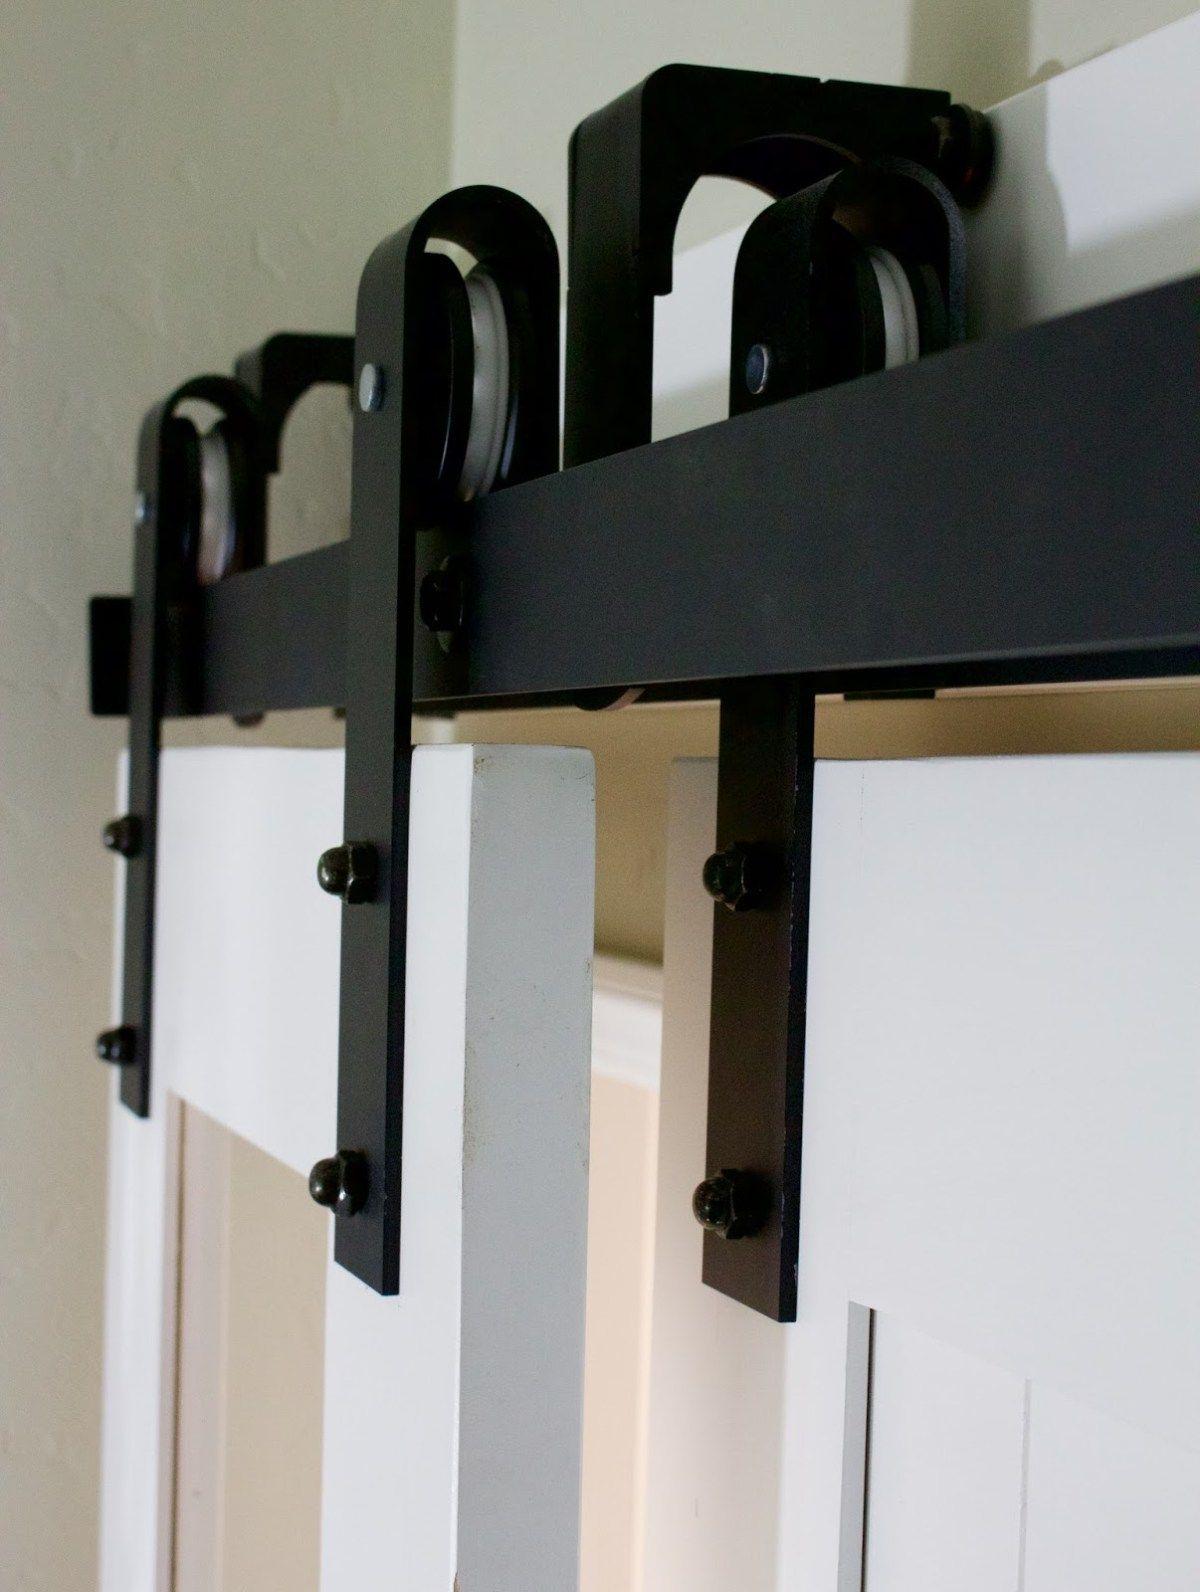 Laundry Room Barn Door Puertas De Establo Puertas Rusticas